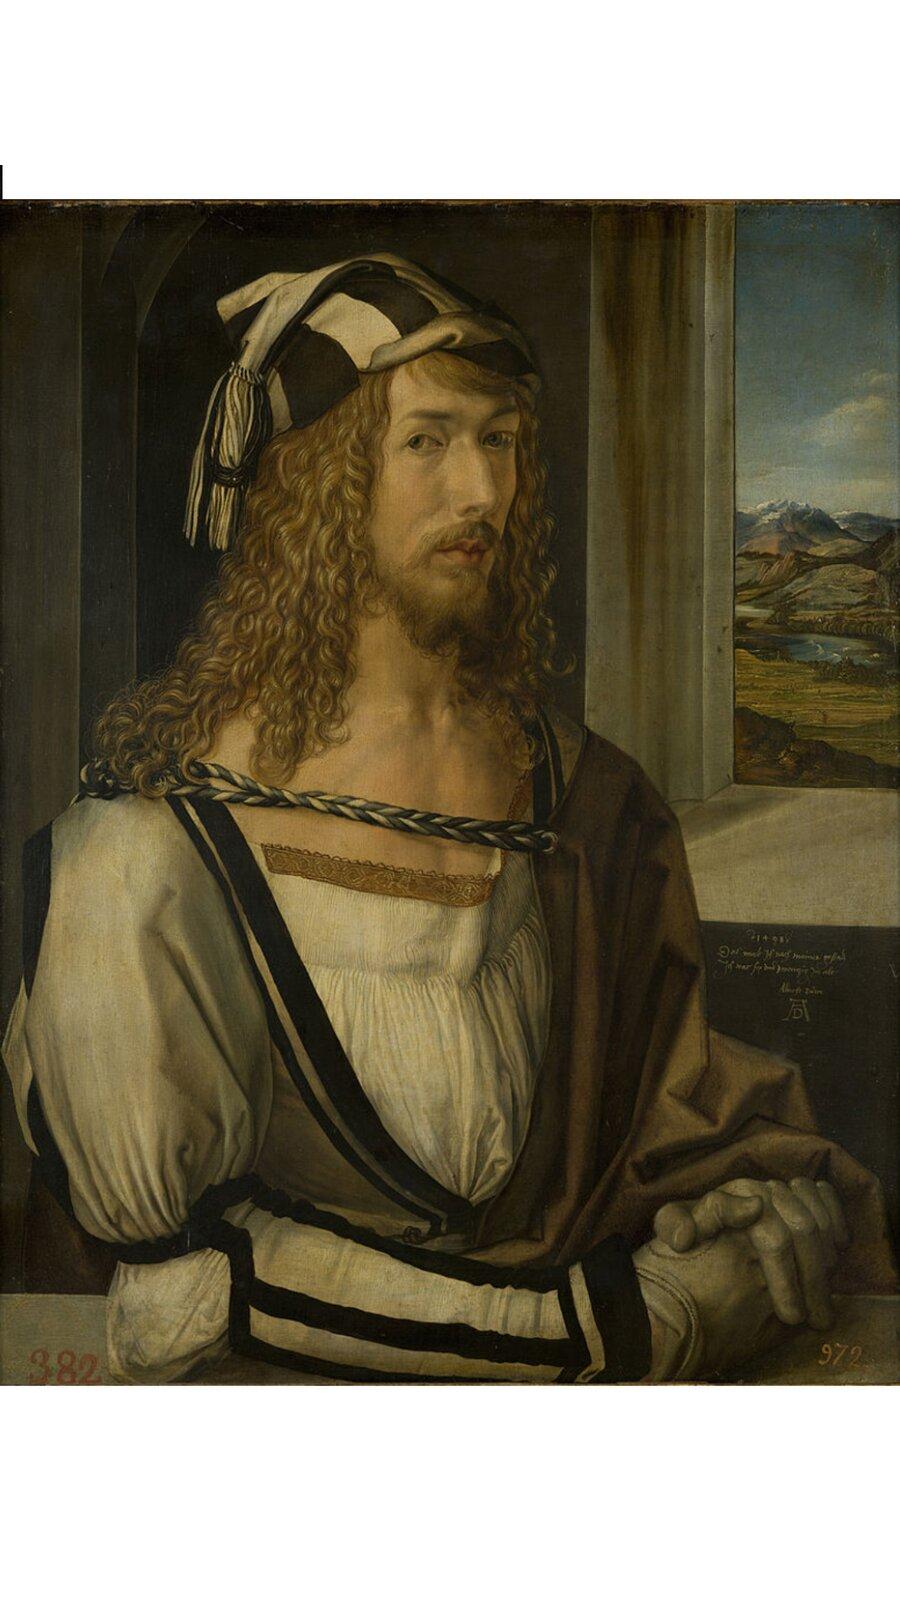 Obraz przedstawia popiersie mężczyzny ztwarzą ukazaną en trois quarts, czyli wtrzech czwartych. Przez okno, przy którym siedzi, widać pejzaż.